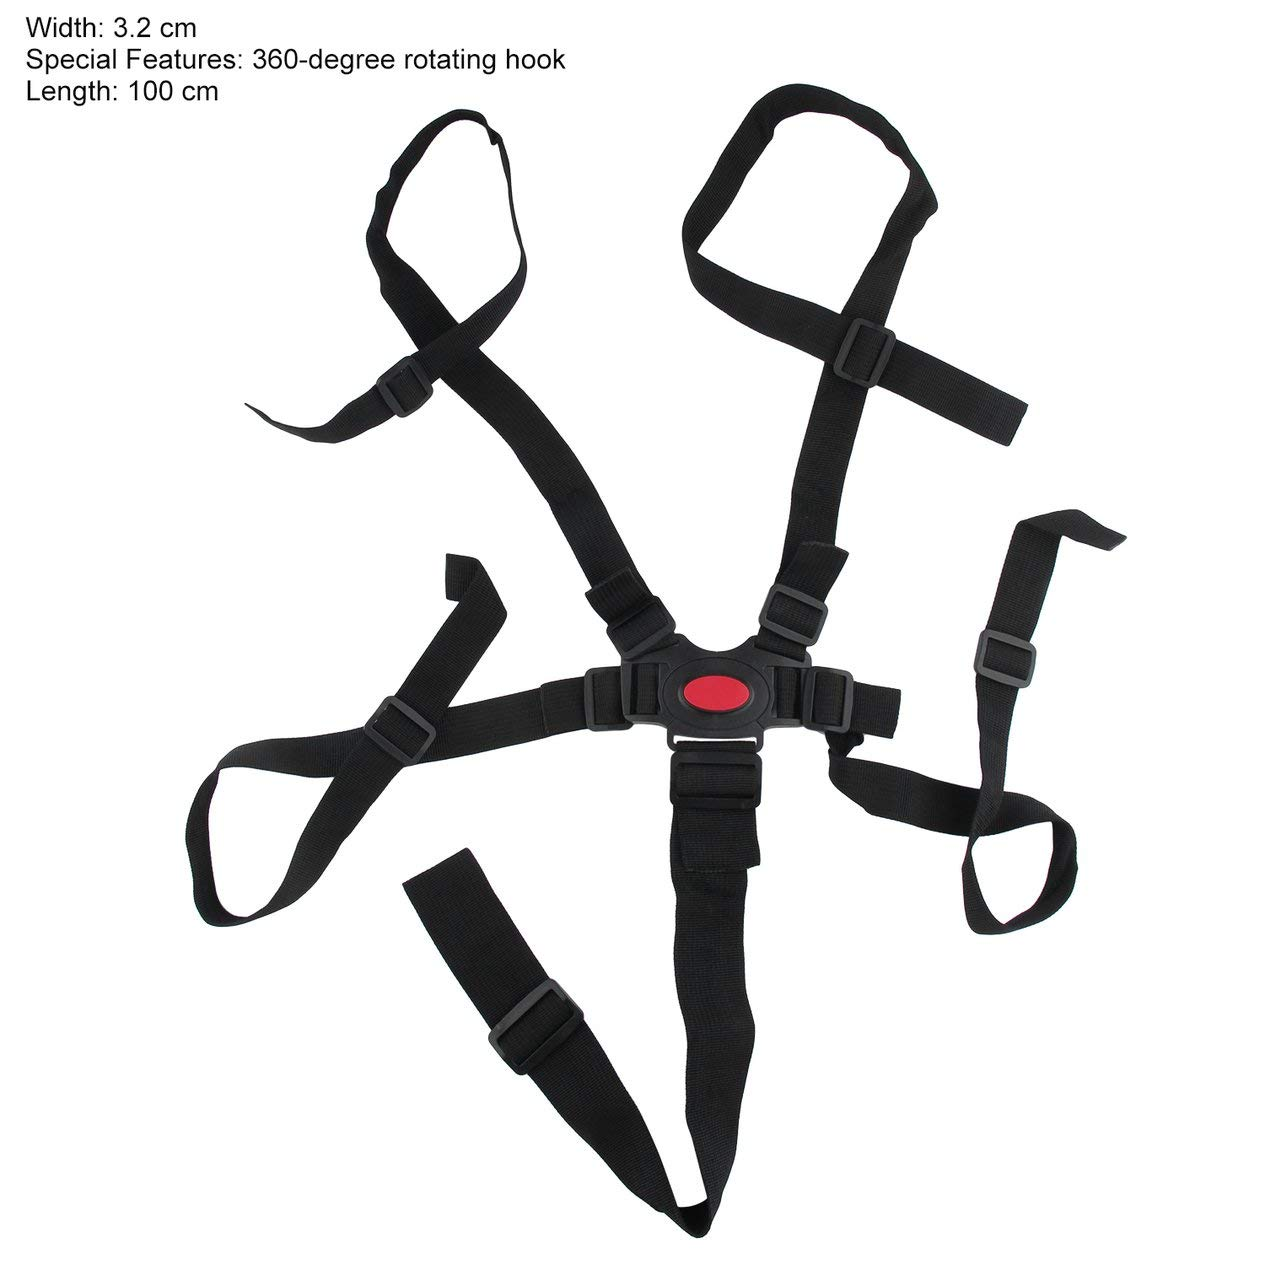 EdBerk74 Beb/é Universal Arn/és de 5 puntos Cintur/ón de seguridad Silla de beb/é Cintur/ón de seguridad Silla de comedor de alta calidad Vendaje Cintur/ón de seguridad